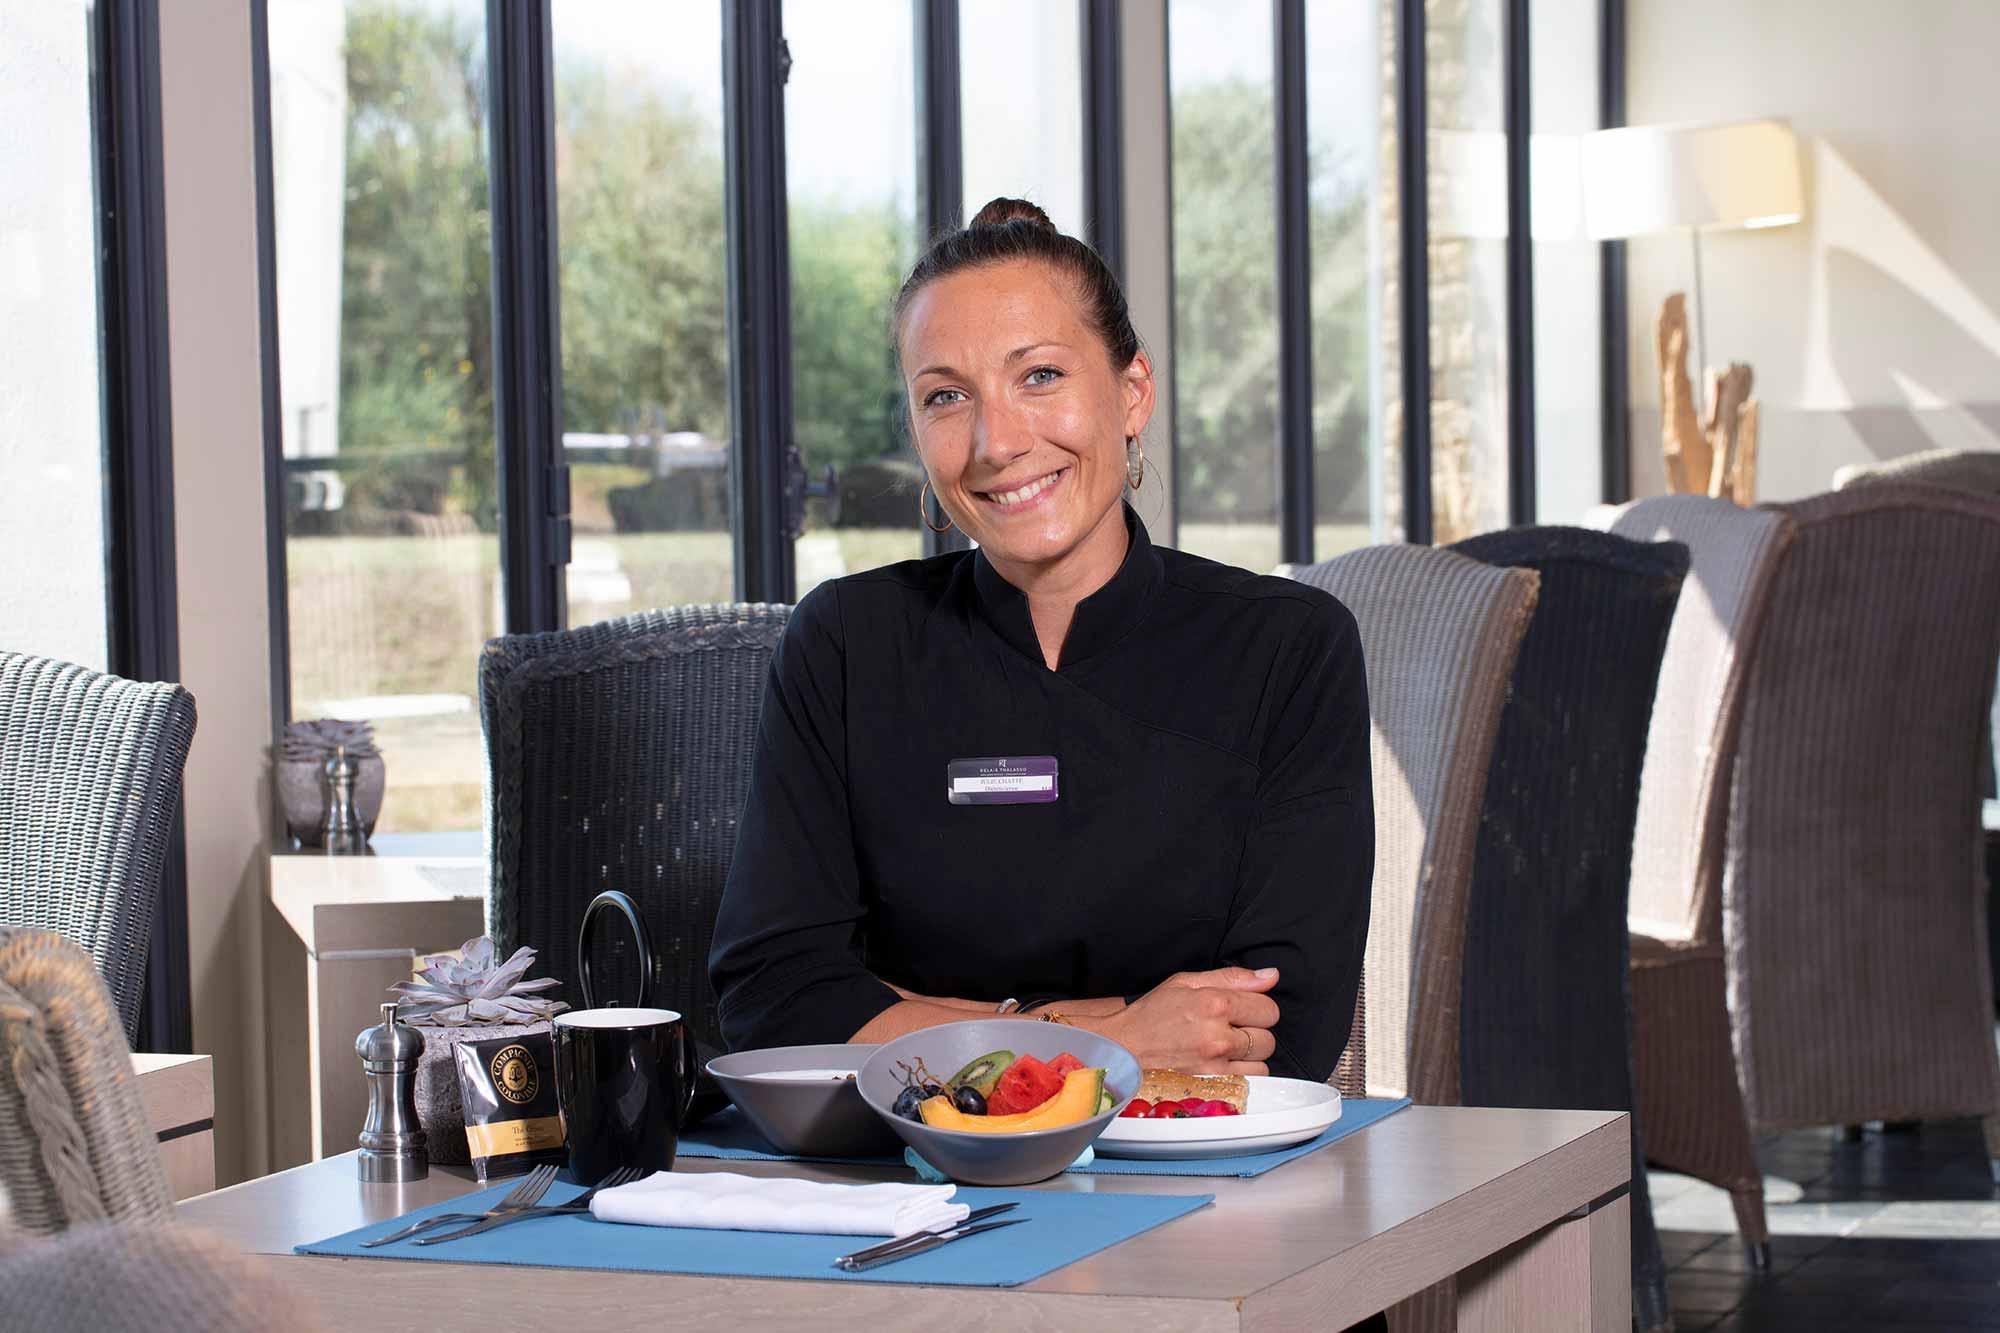 Portrait d'une femme en blouse noir dans une table avec quelques fruits